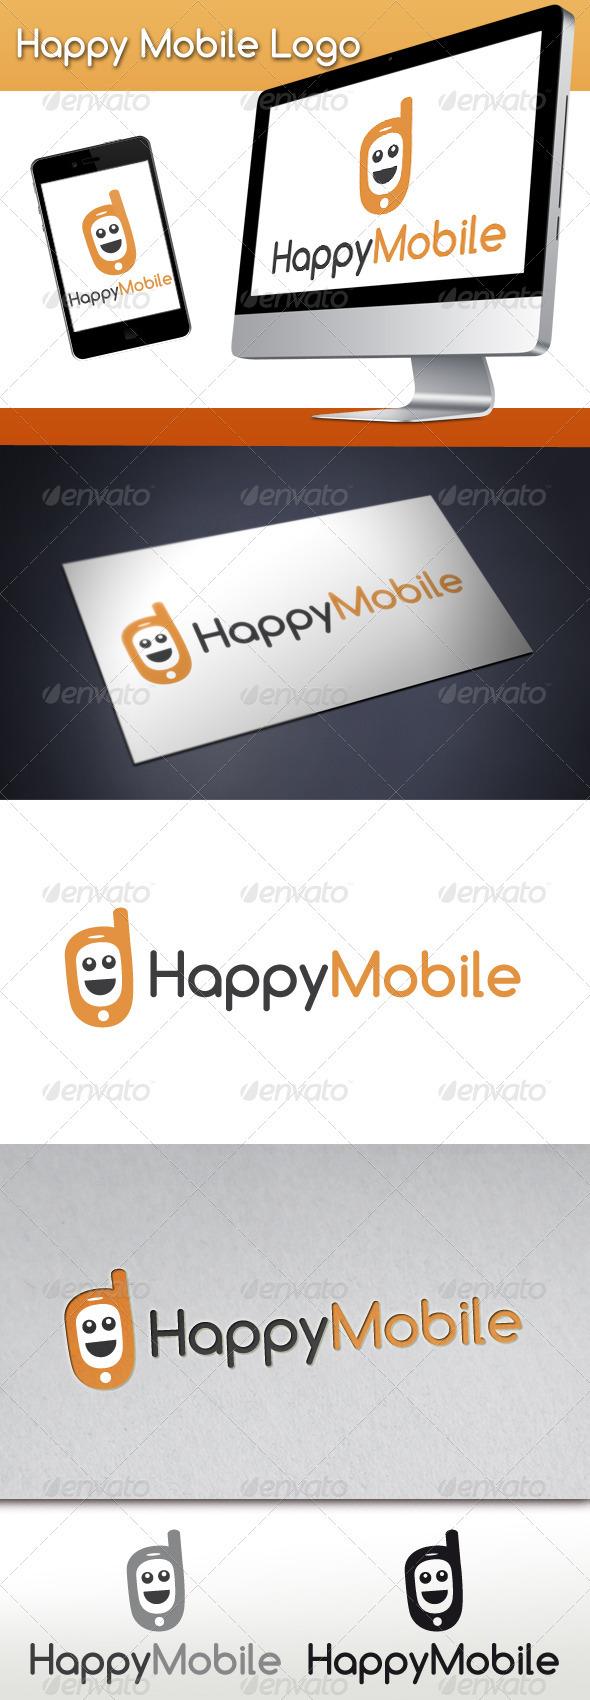 GraphicRiver Happy Mobile Logo 3357842